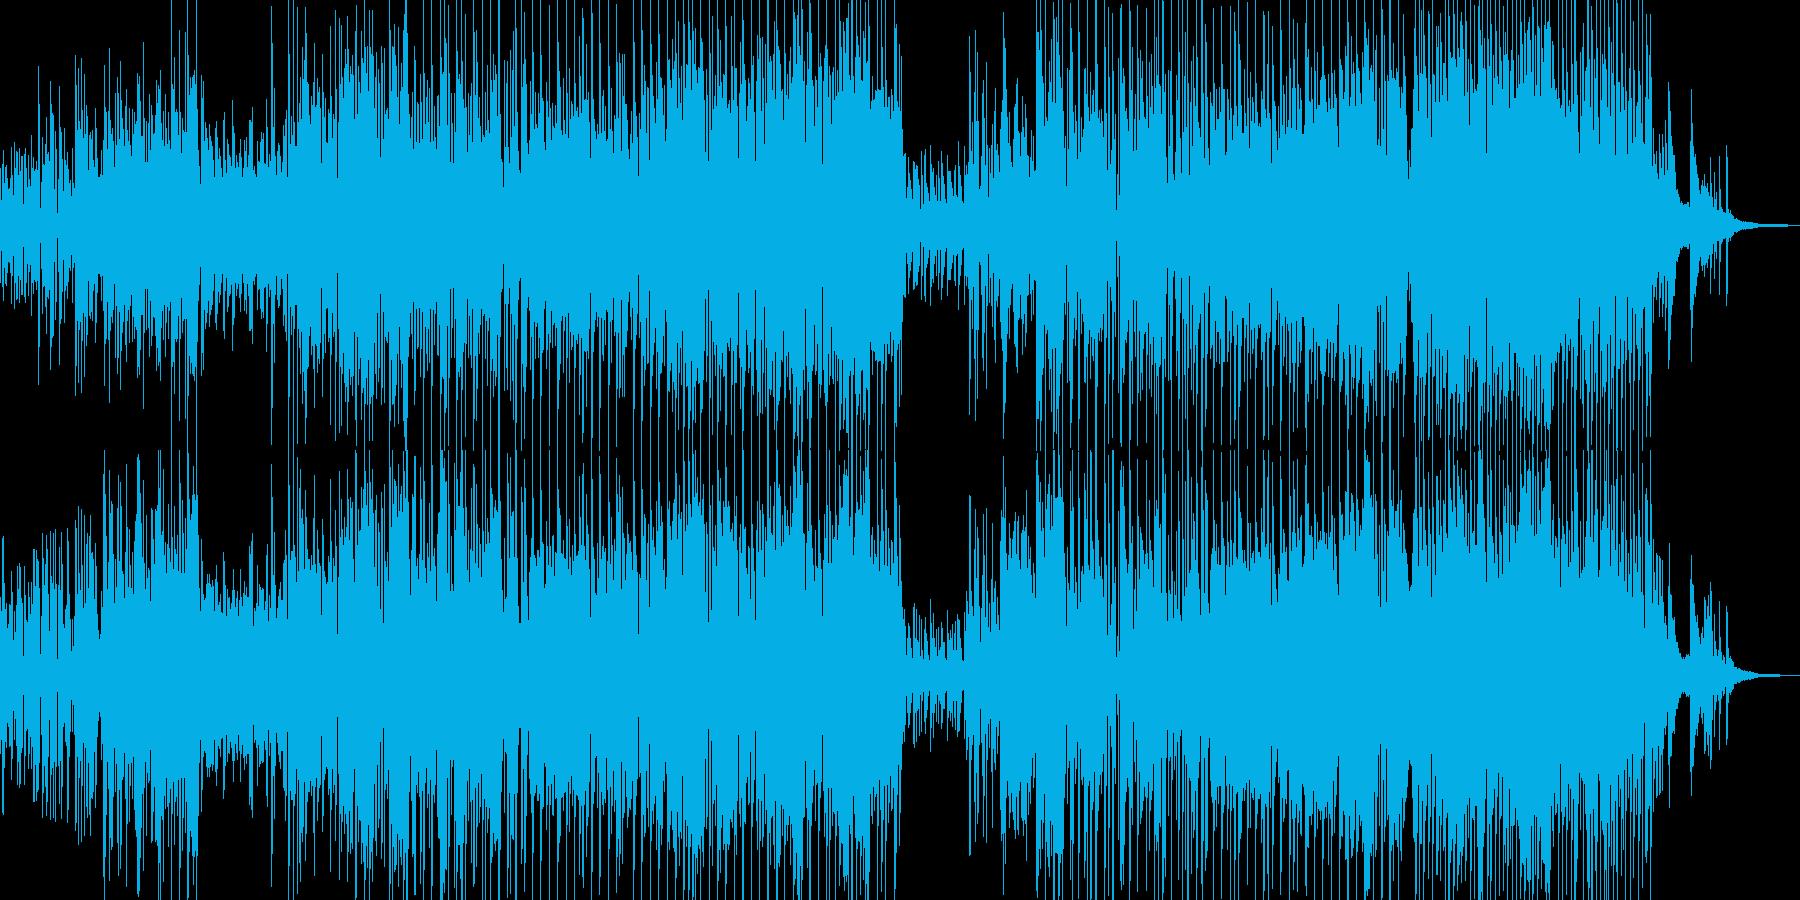 木管とピアノ・軽快で可憐なジャズ Bの再生済みの波形